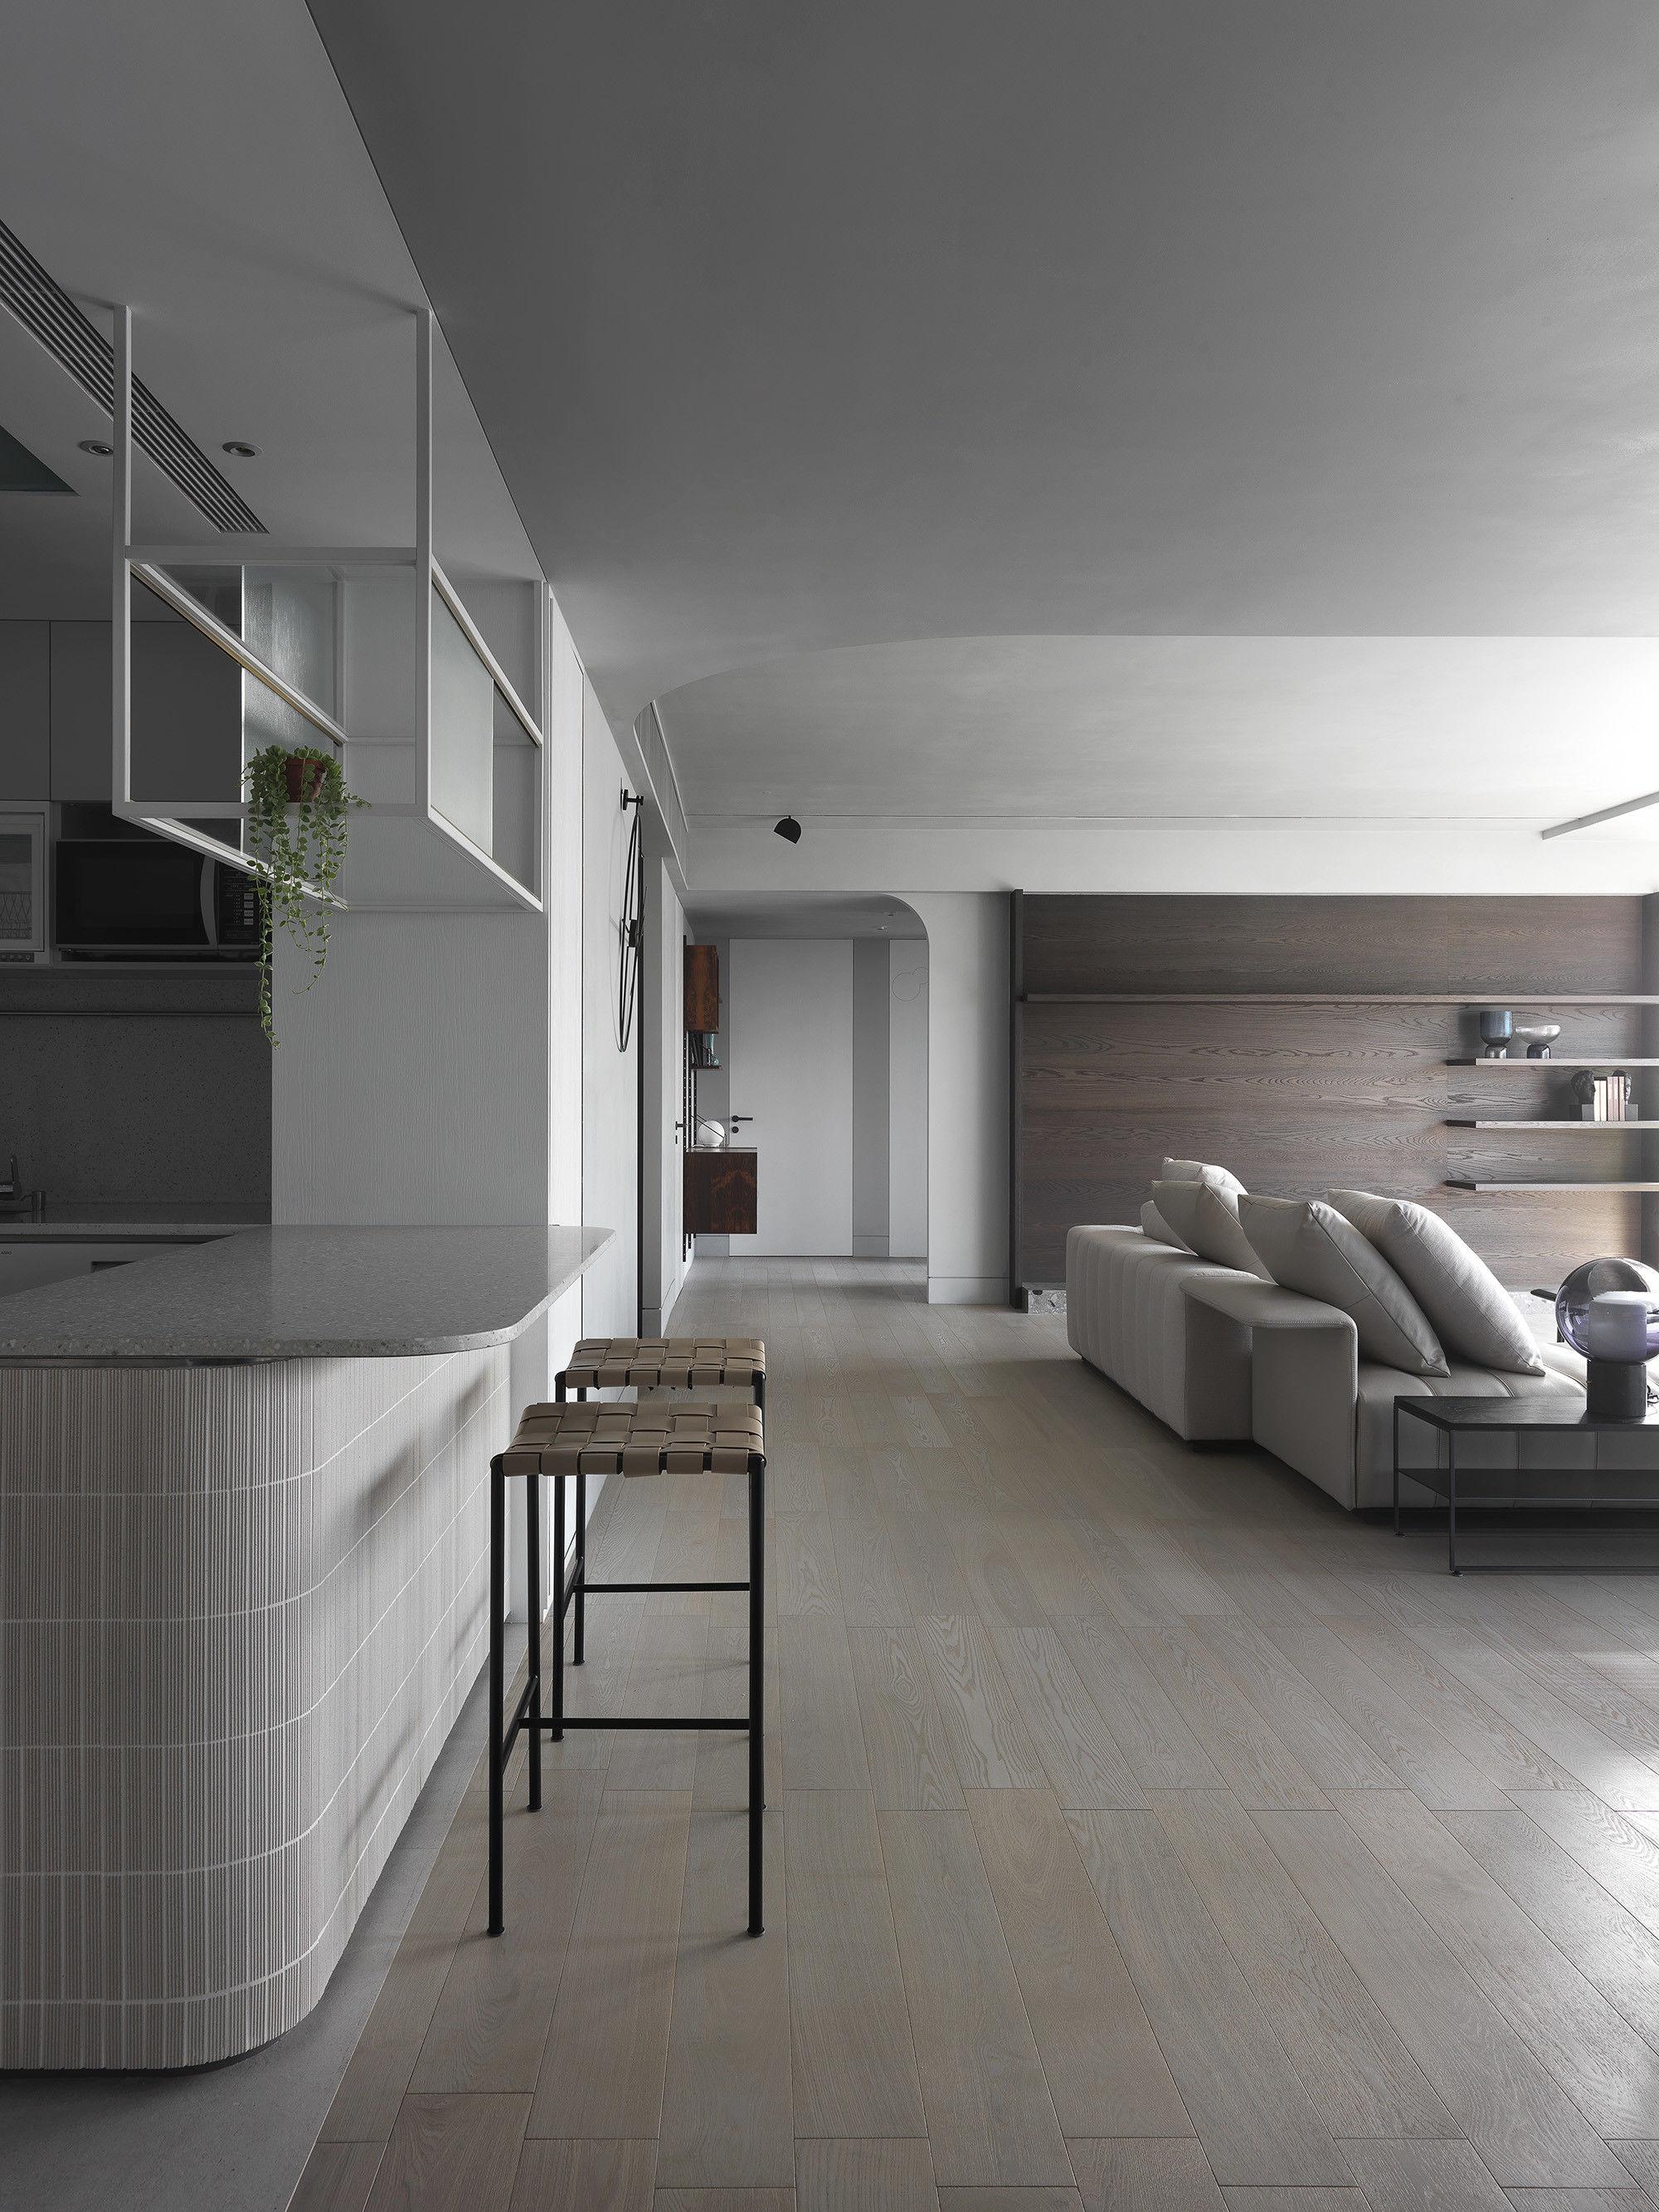 台中 分子室內裝修設計 - 單層電梯大樓 - 現代風住宅設計 - 全室舊屋翻新 - 中島